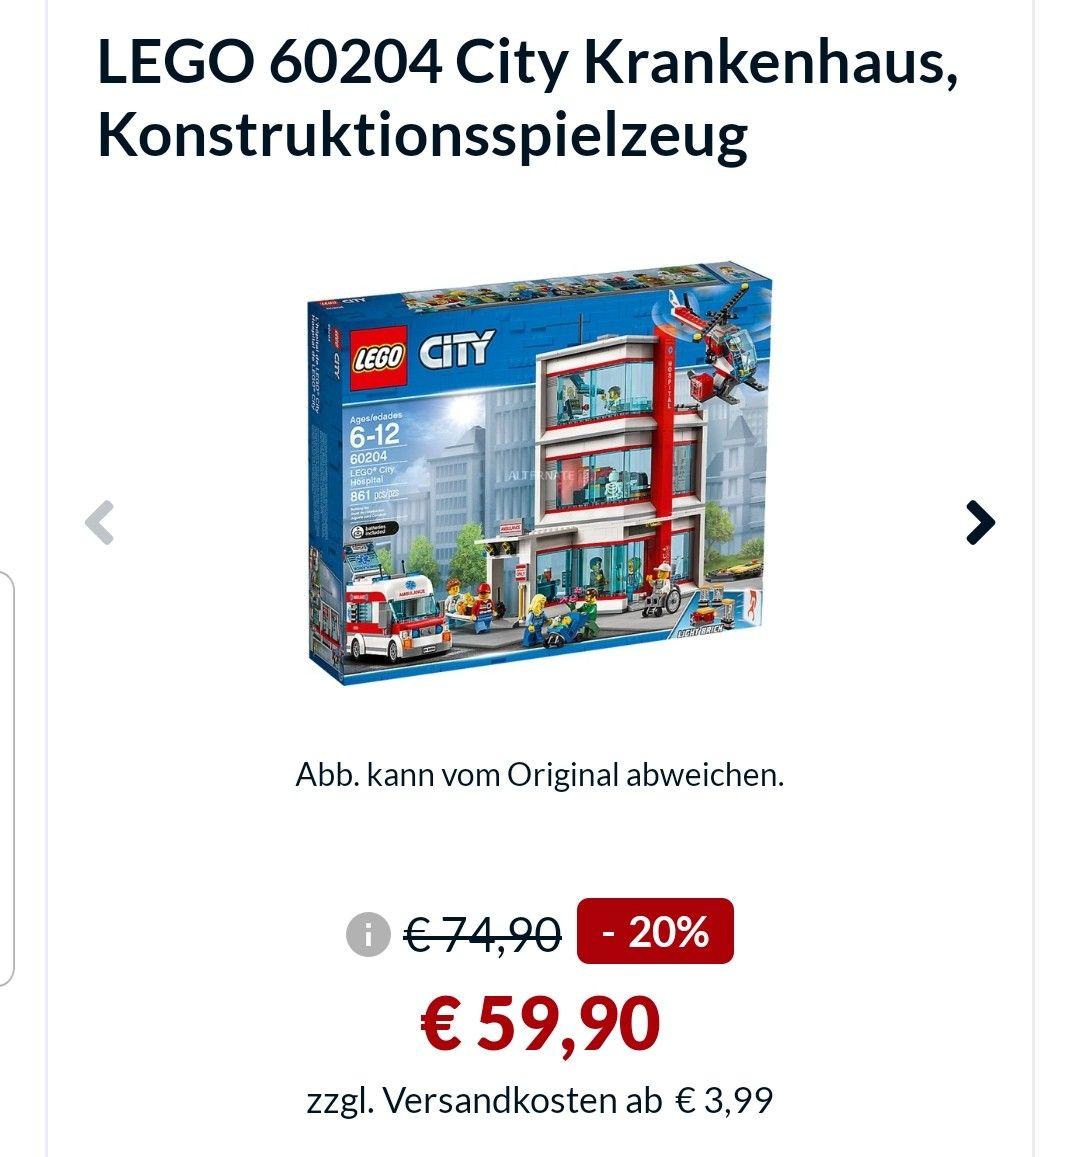 LEGO City Krankenhaus (60204) bei Alternate durch Paydirekt-Gutschein günstiger